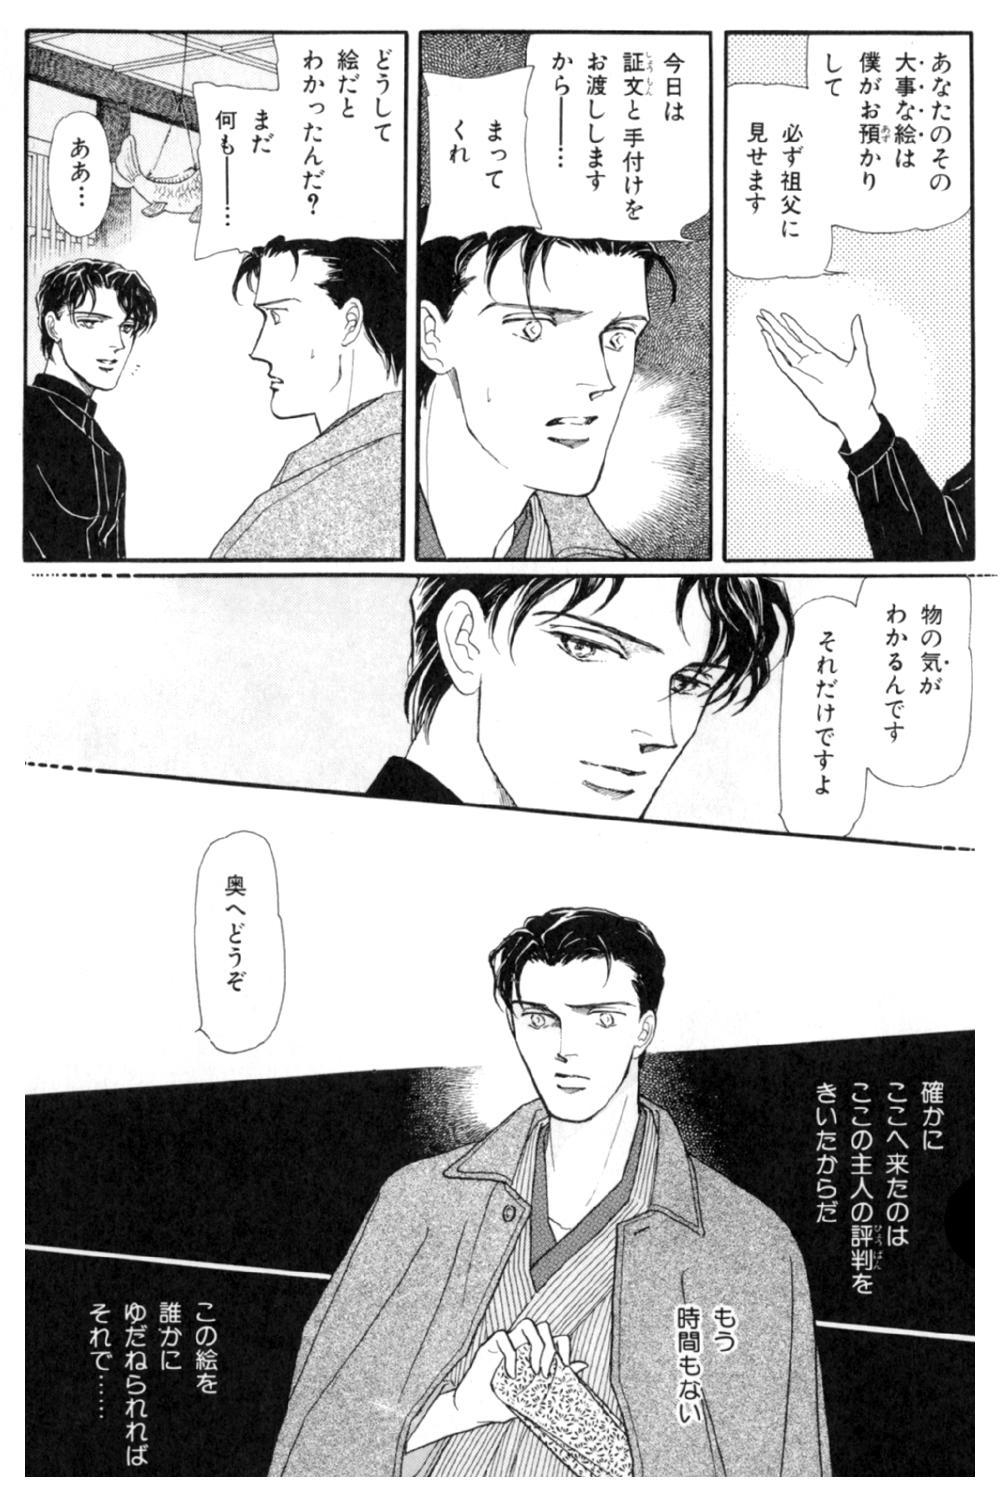 雨柳堂夢咄 第1話「花椿の恋」①uryu05.jpg